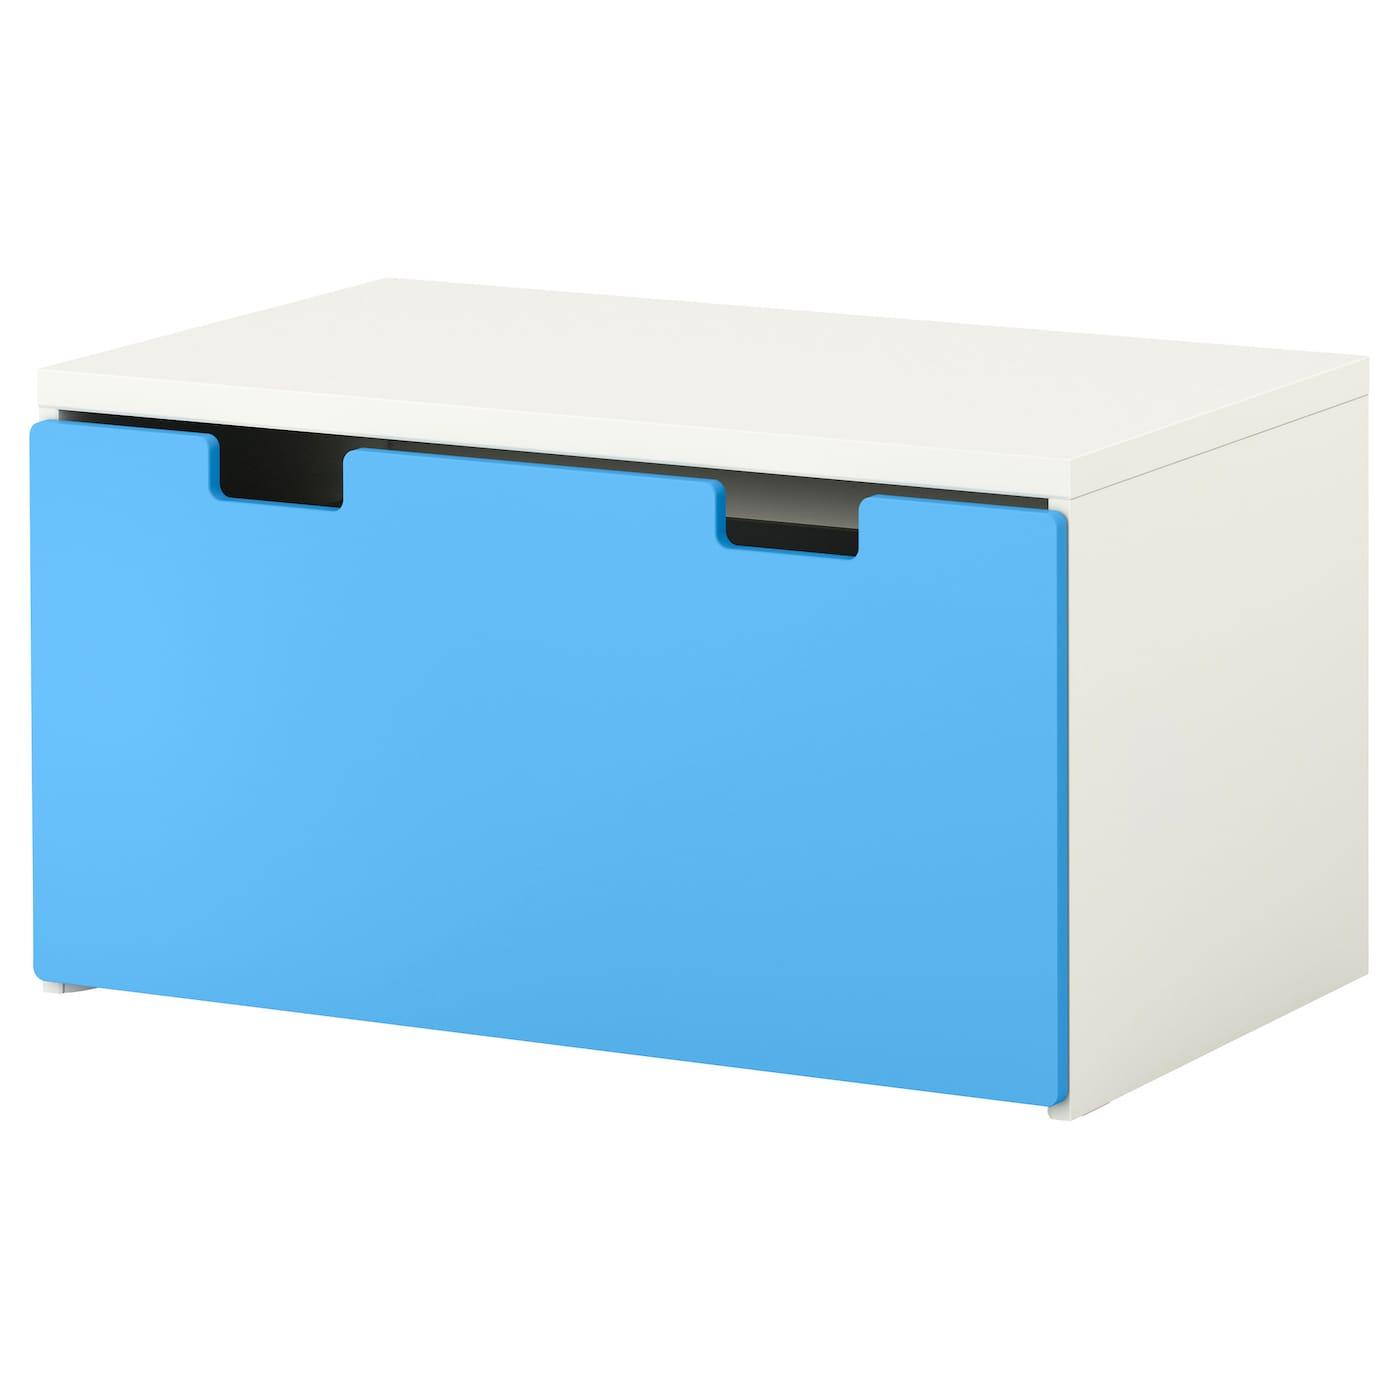 Coat And Umbrella Stand Ikea ~ Systém Stuva Kombinace  Katalog 2016  Nábytek Online  2 stránka